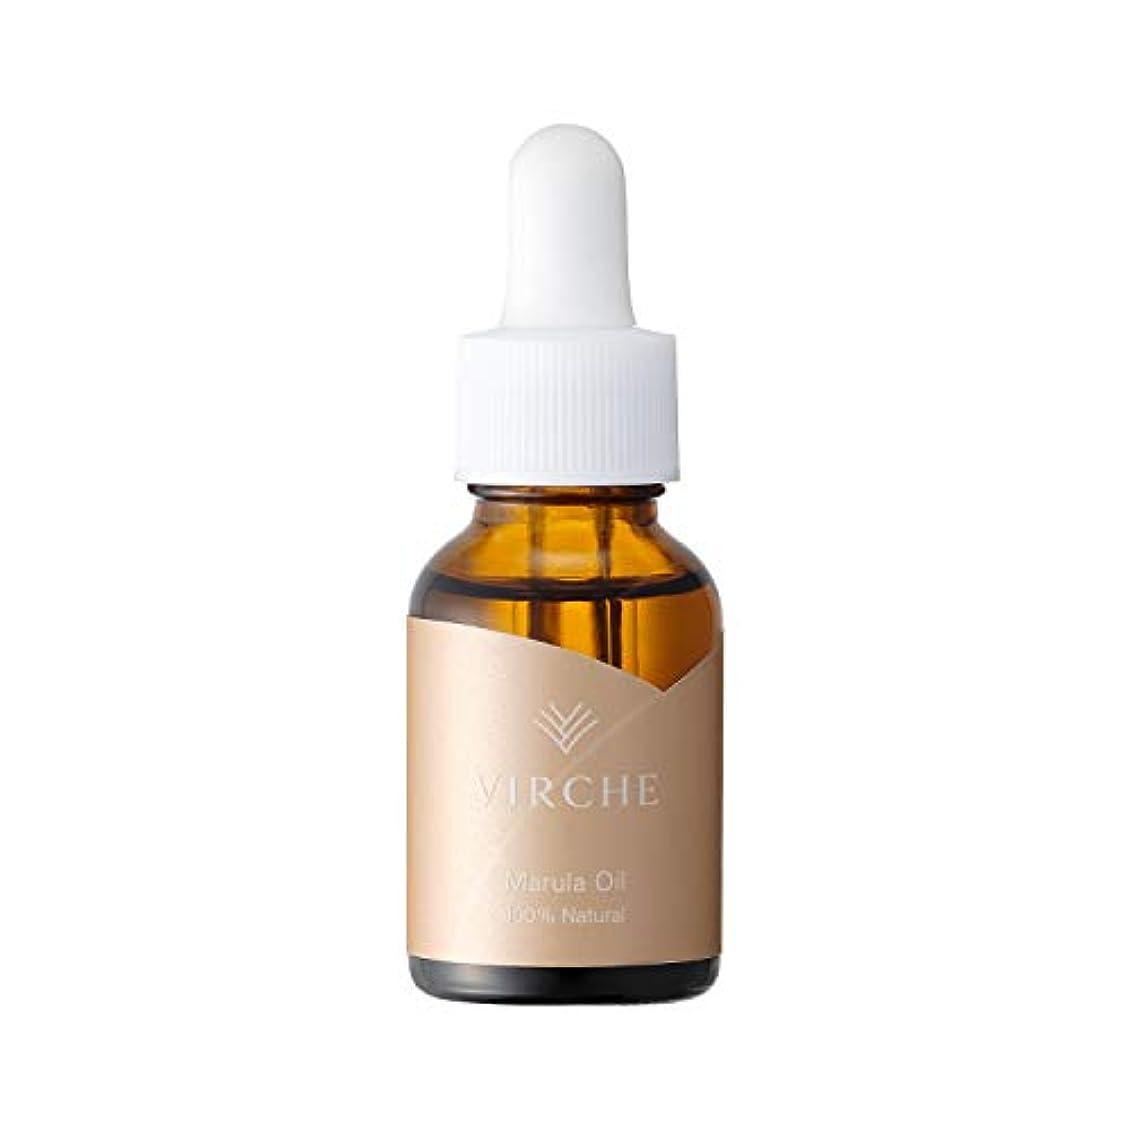 死傷者滑りやすい相談マルラオイル(Marula Oil)国内で品質管理/無香料/防腐剤、香料、着色料すべて無添加の美容オイル/18ml(髪など全身に使えて約30日分)